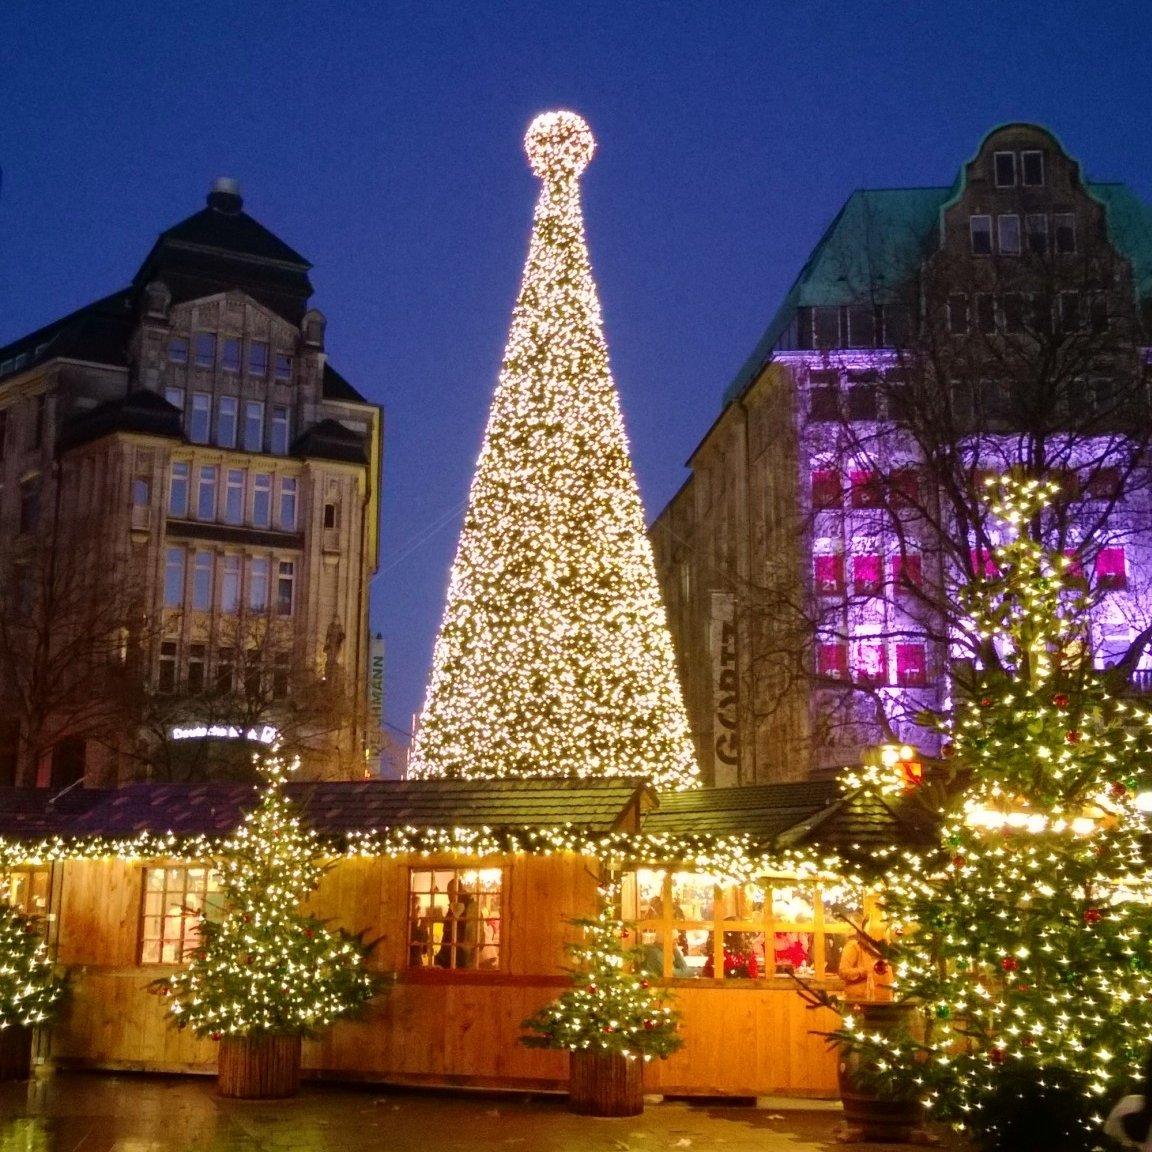 joulu markkinat 2018 Parhaat joulumarkkinat Saksassa joulu markkinat 2018